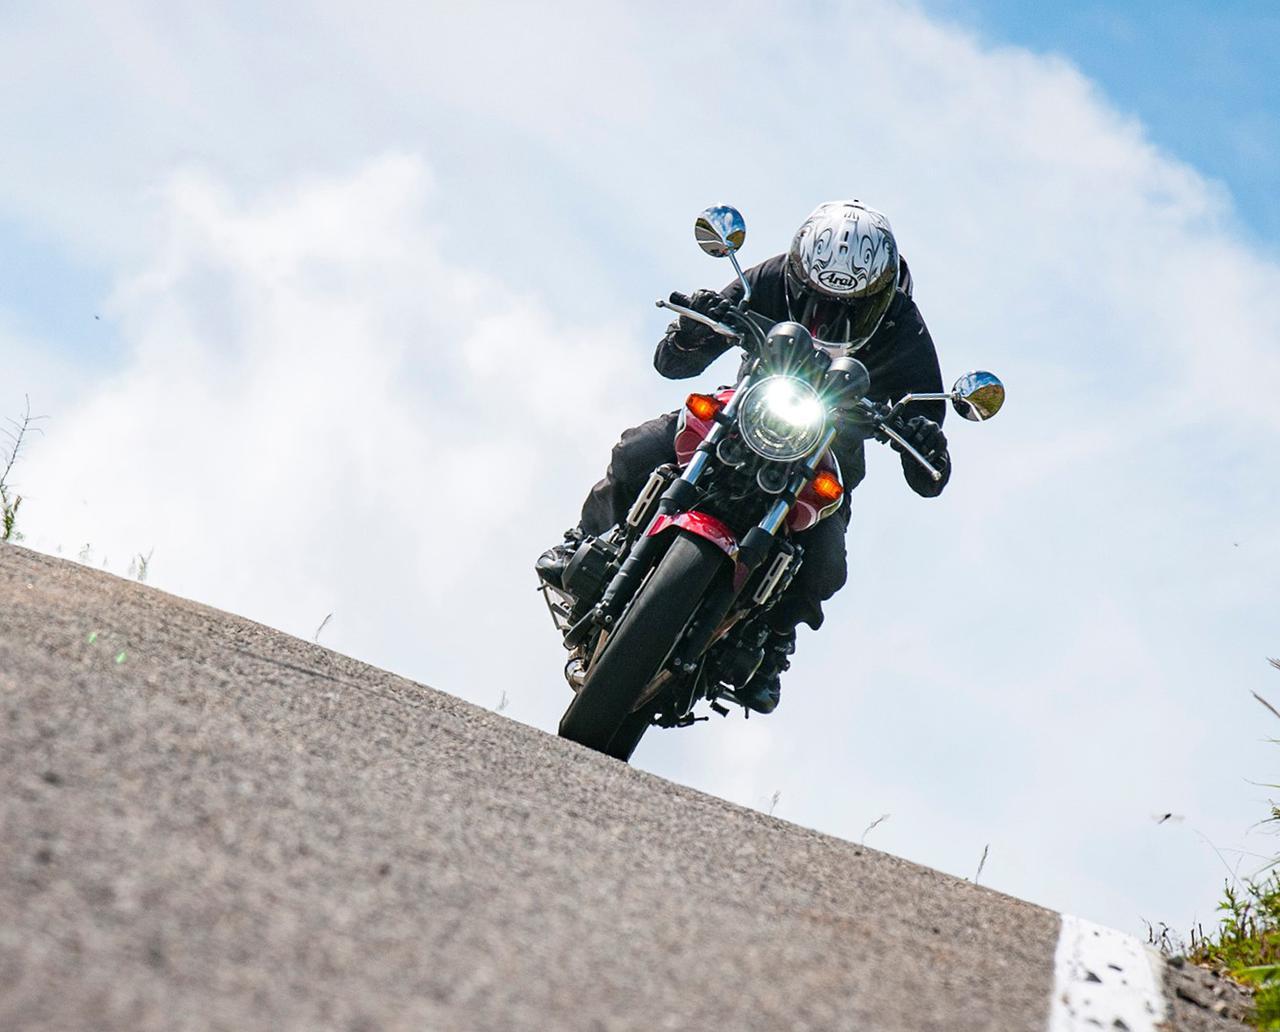 画像: 400ccのバイクに、ちゃんと乗ったことってありますか?【CB400 SUPER FOUR】